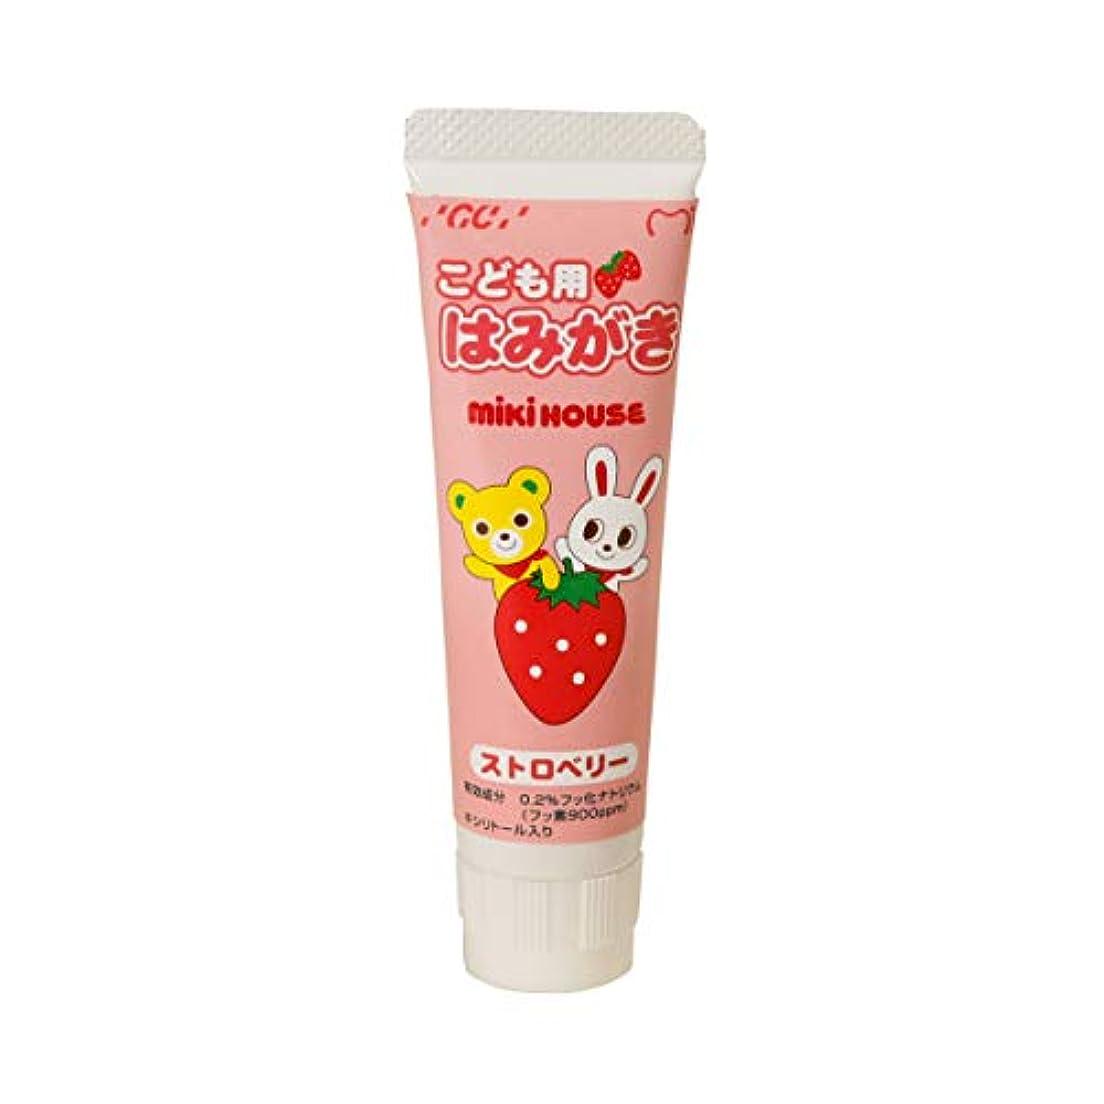 芸術フルーツ野菜織るミキハウス (MIKIHOUSE) 歯みがき 15-4065-676 - ピンク